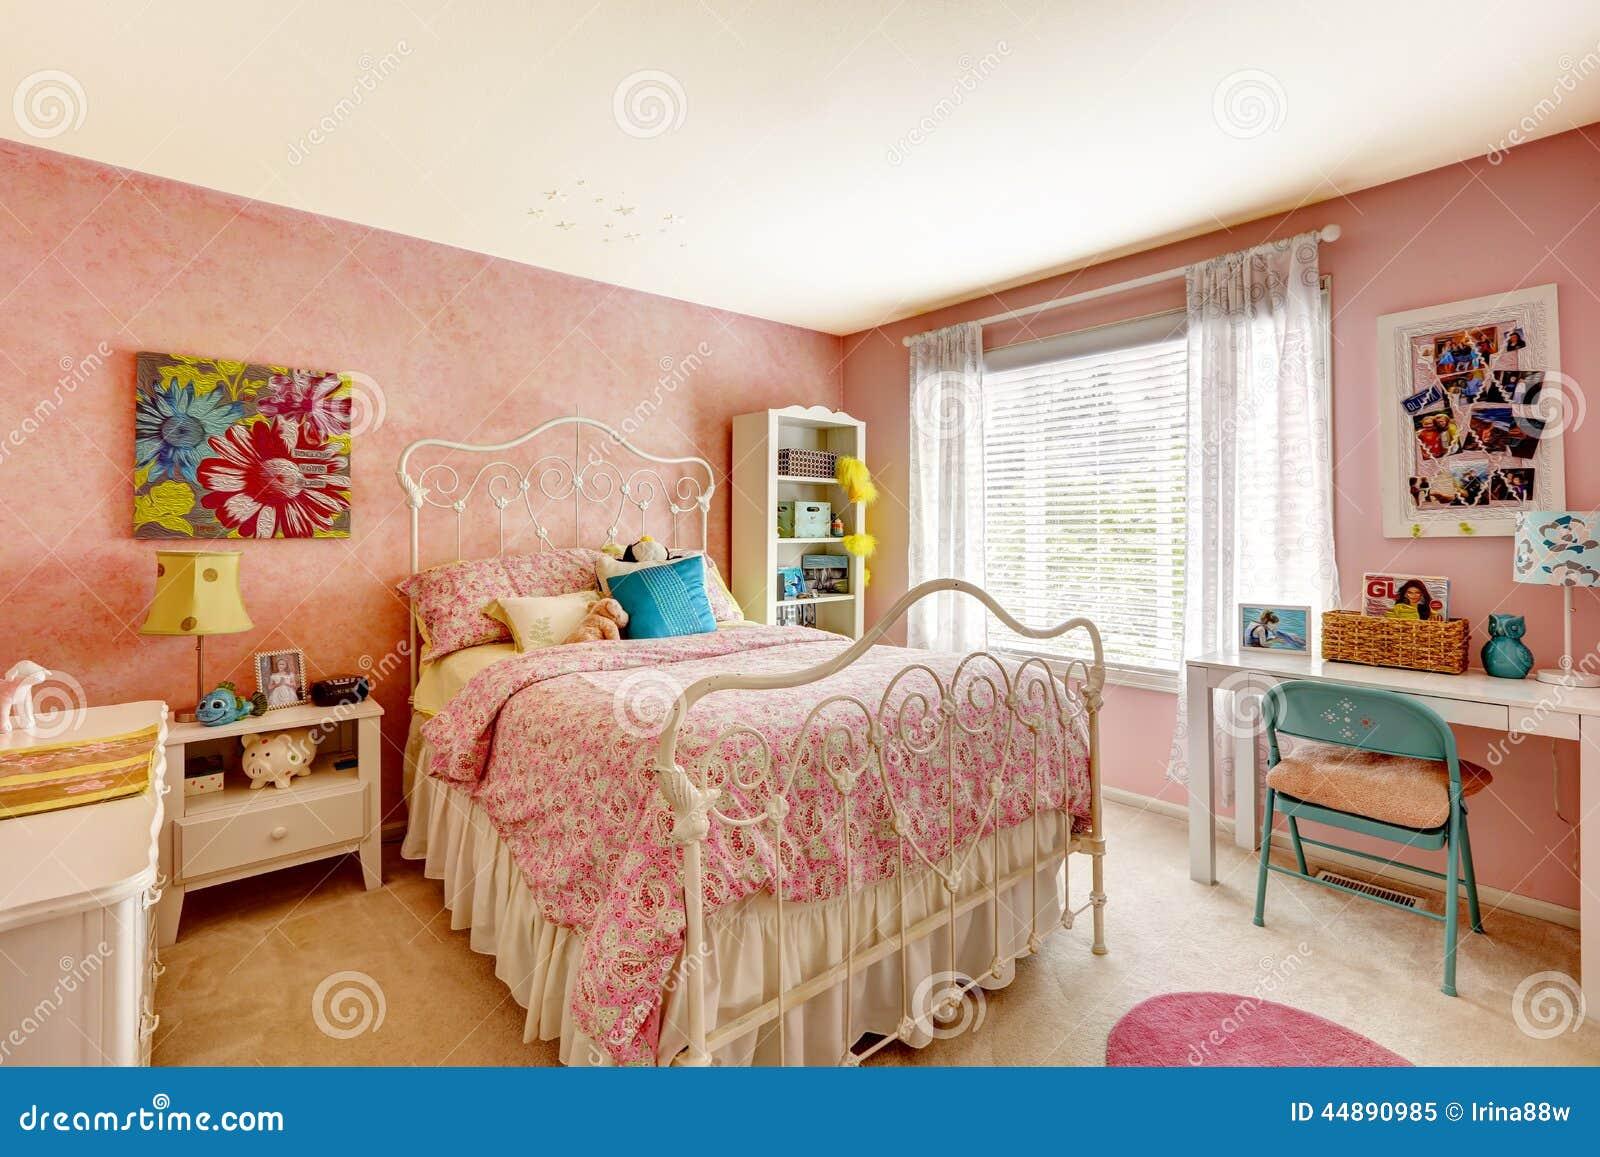 Camera Da Letto Color Rosa : Interno della camera da letto nel colore rosa chiaro immagine